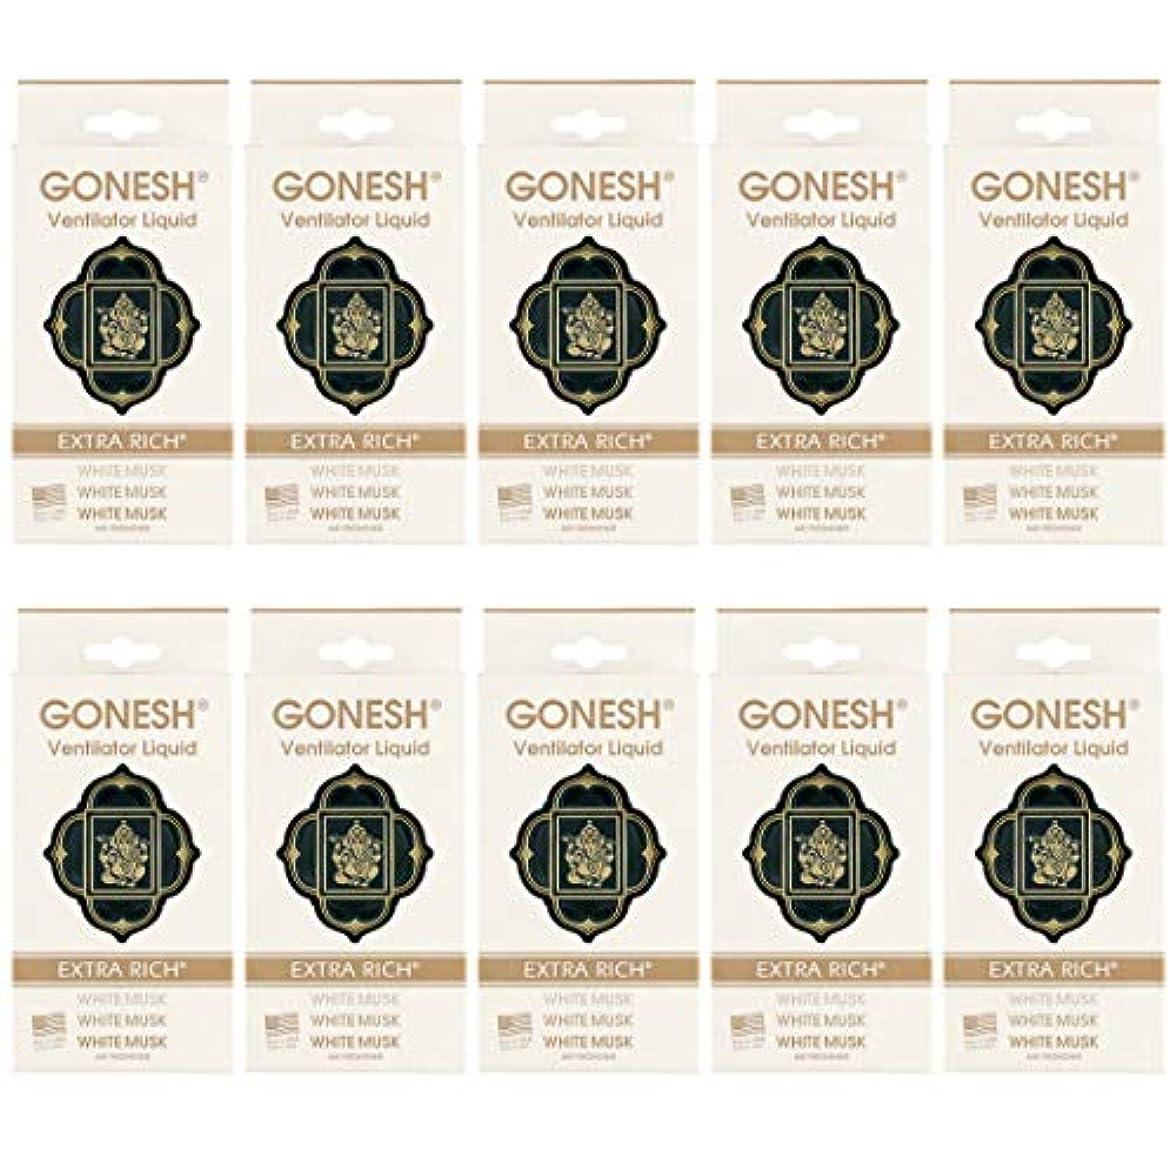 GONESH ヴェンティレーターリキッド ホワイトムスク 10個セット